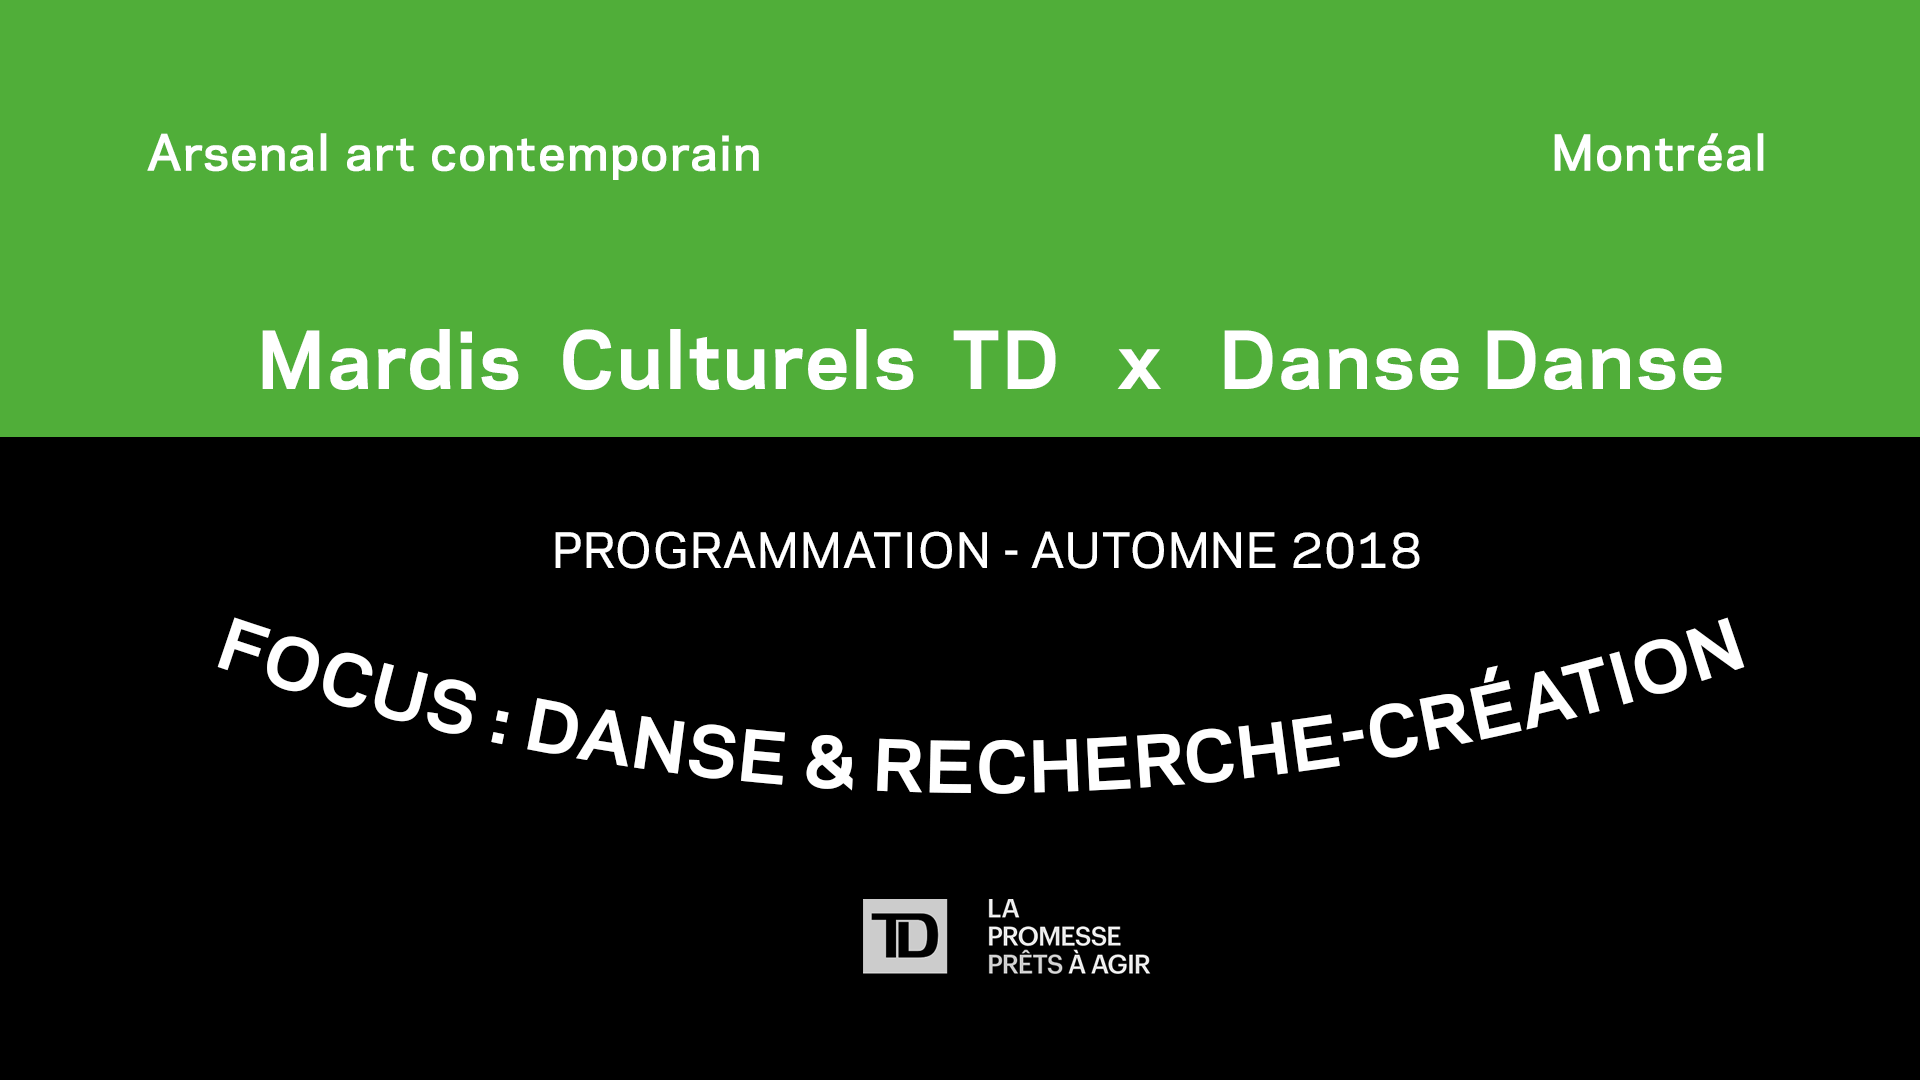 mctd-automne-2018-mardis-culturels-td-x-danse-danse.png